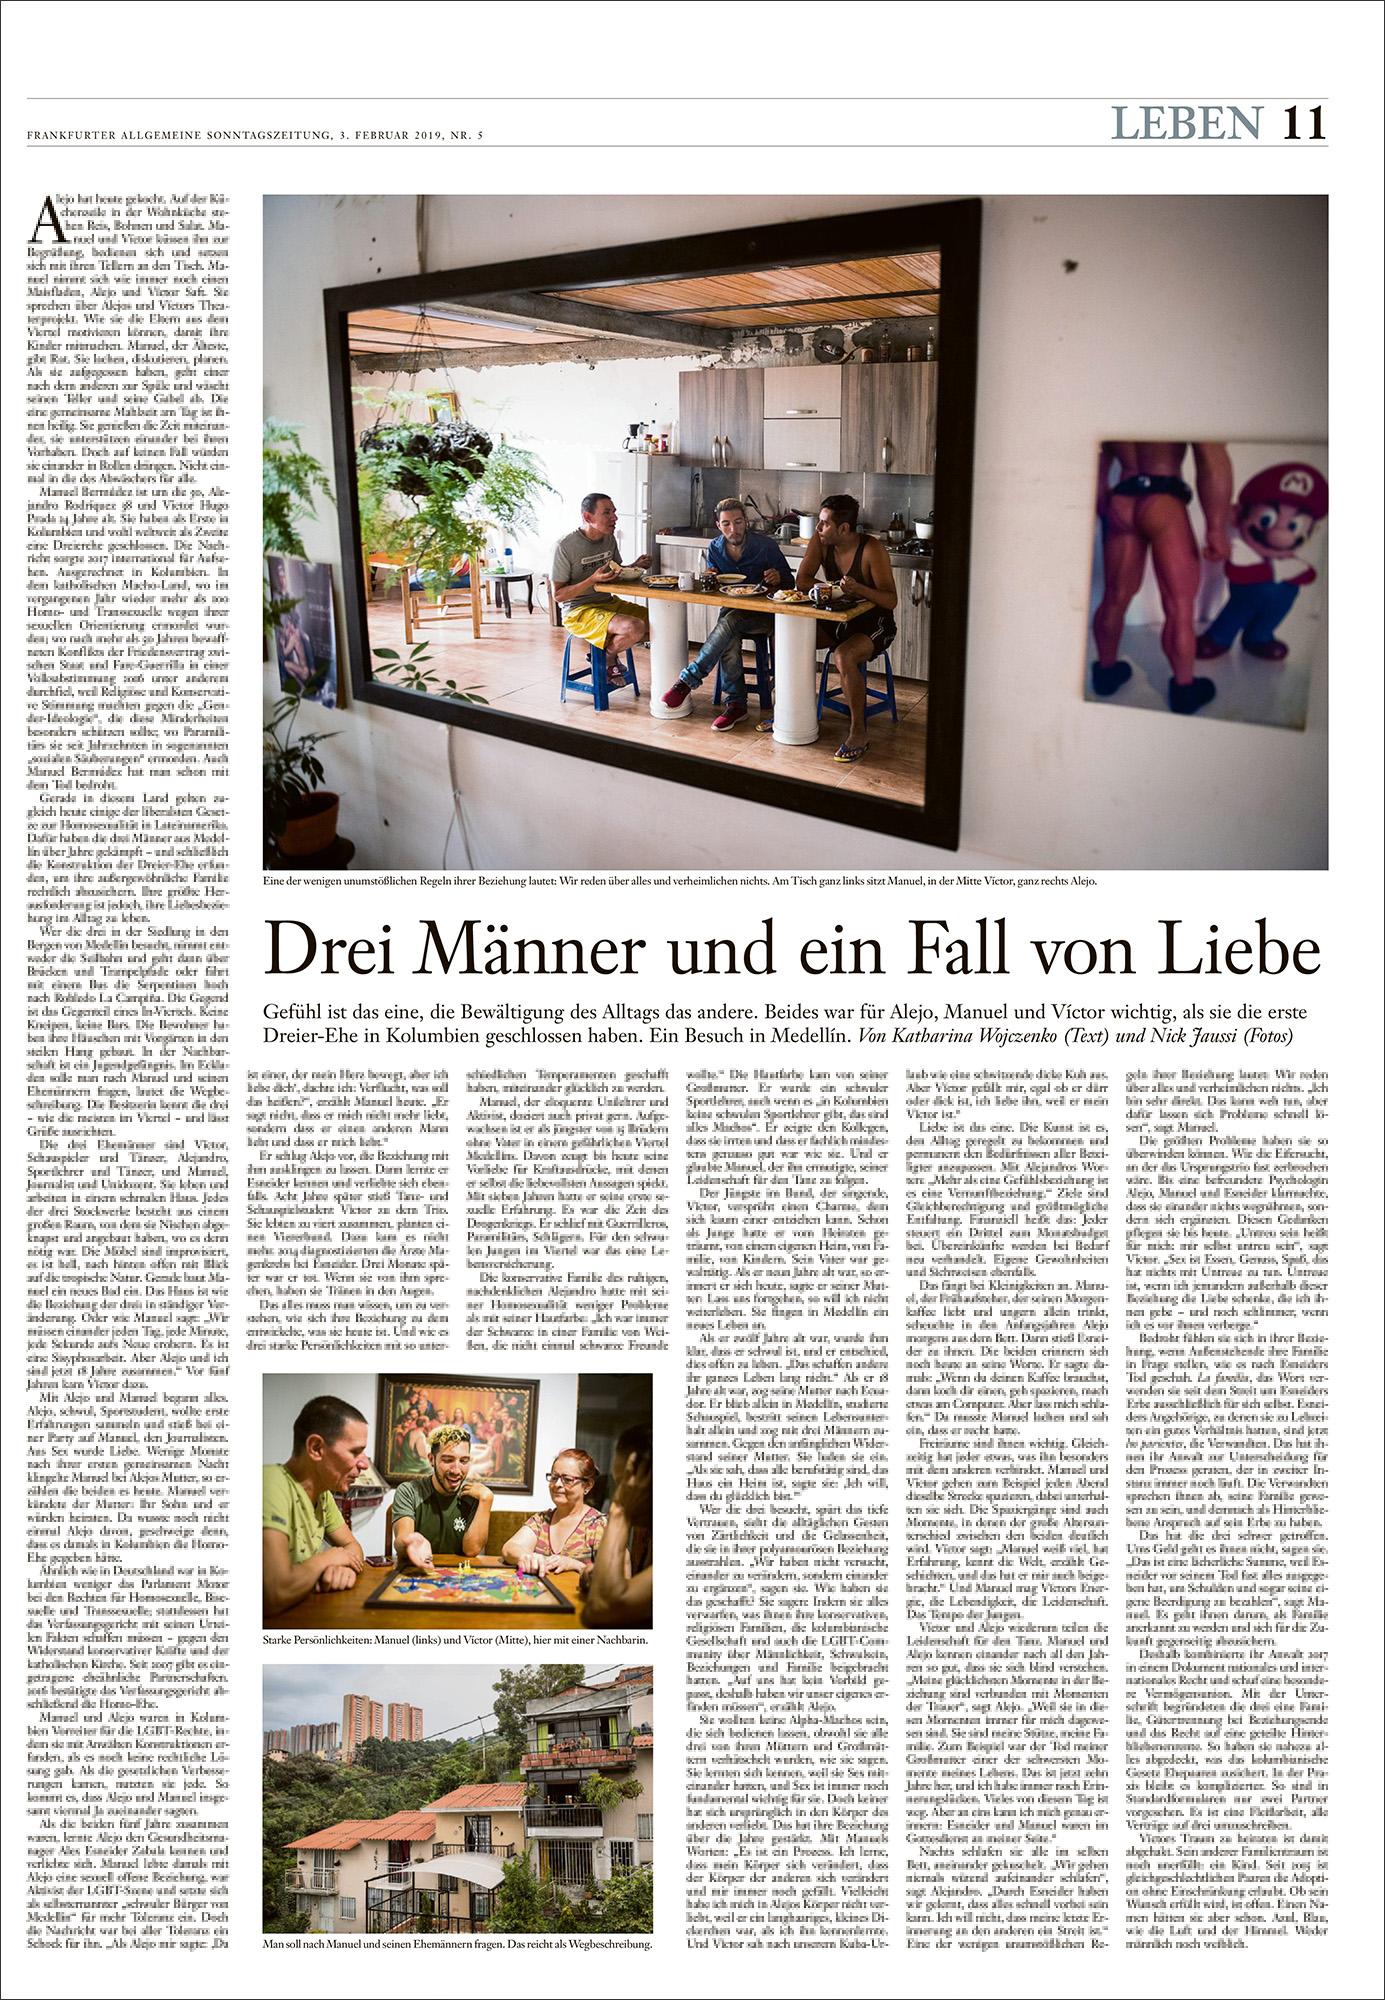 FAS . Frankfurter Allgemeine Sonntagszeitung 03 / 02 / 2019